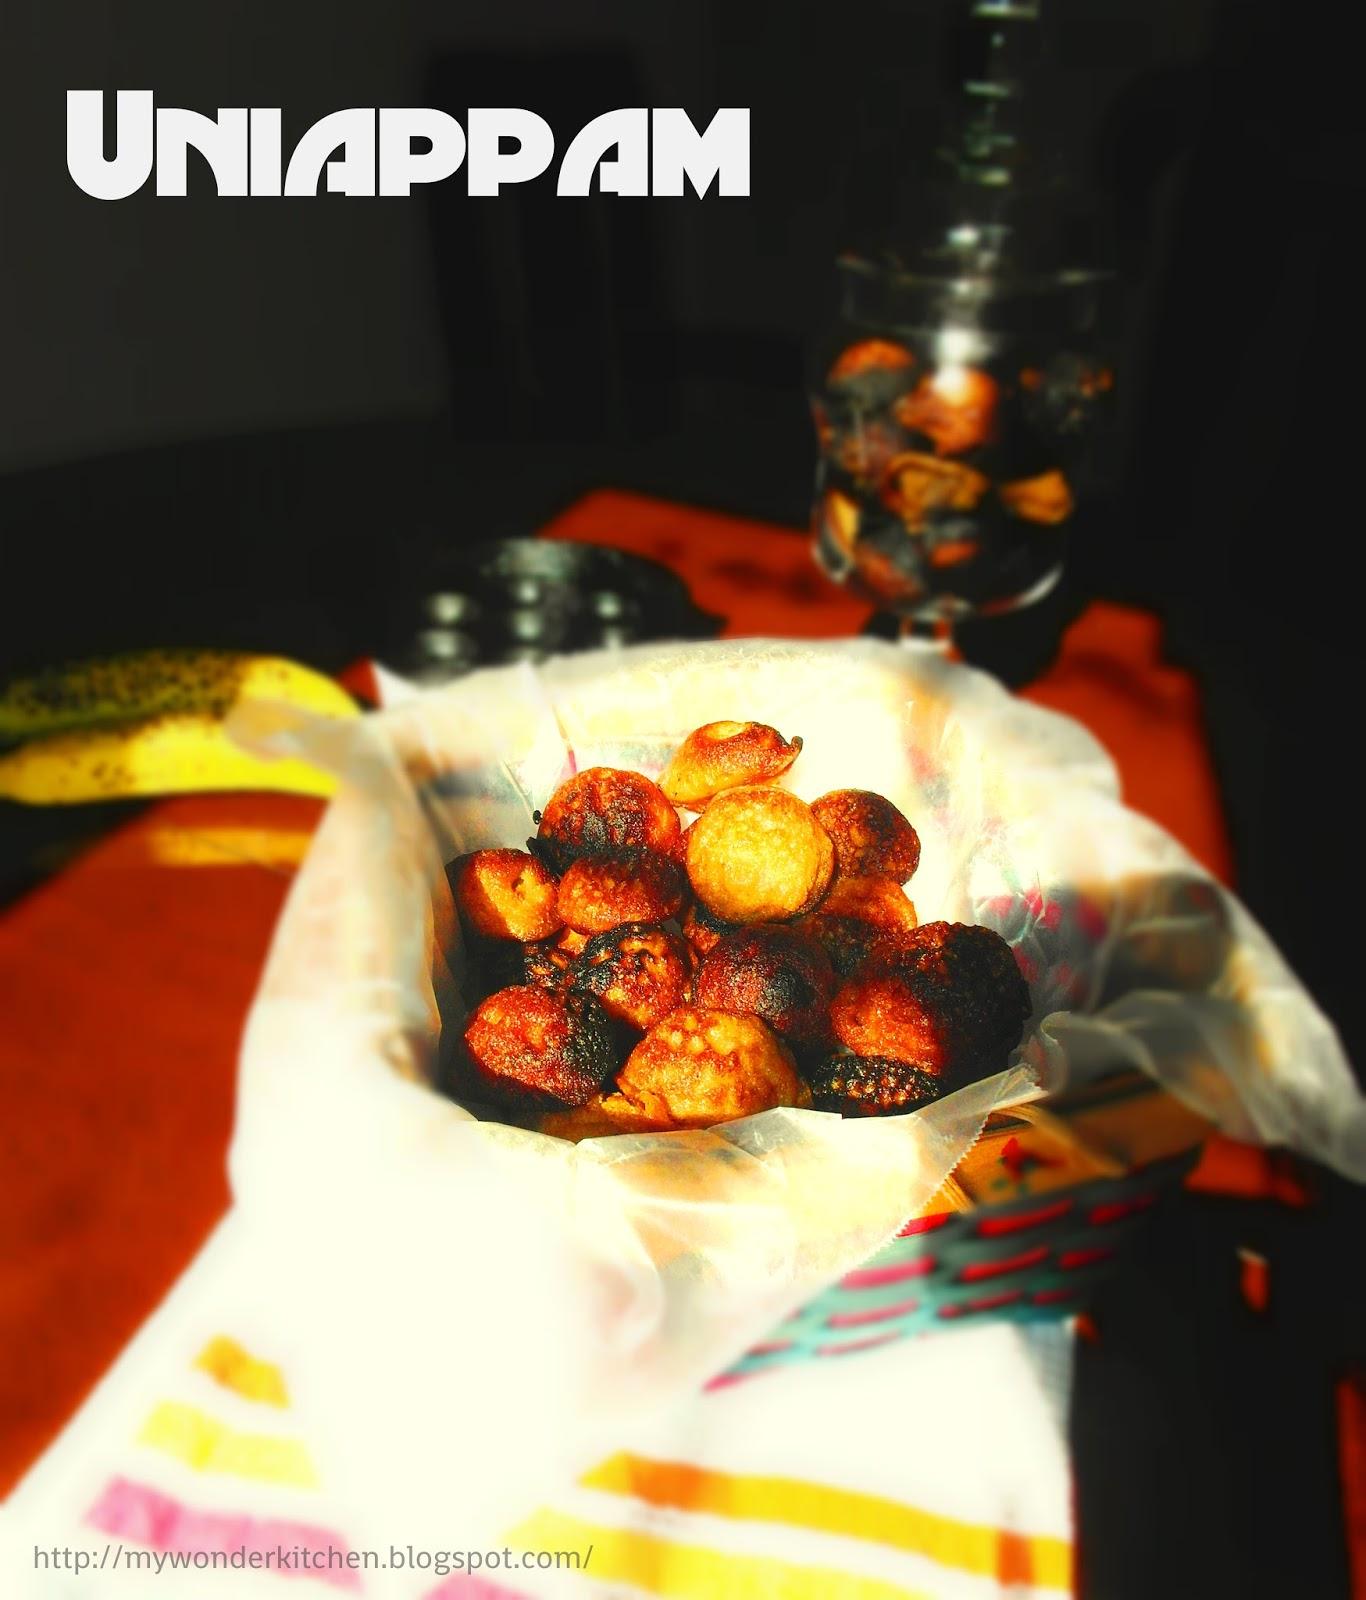 Kerala Uniappam recipe